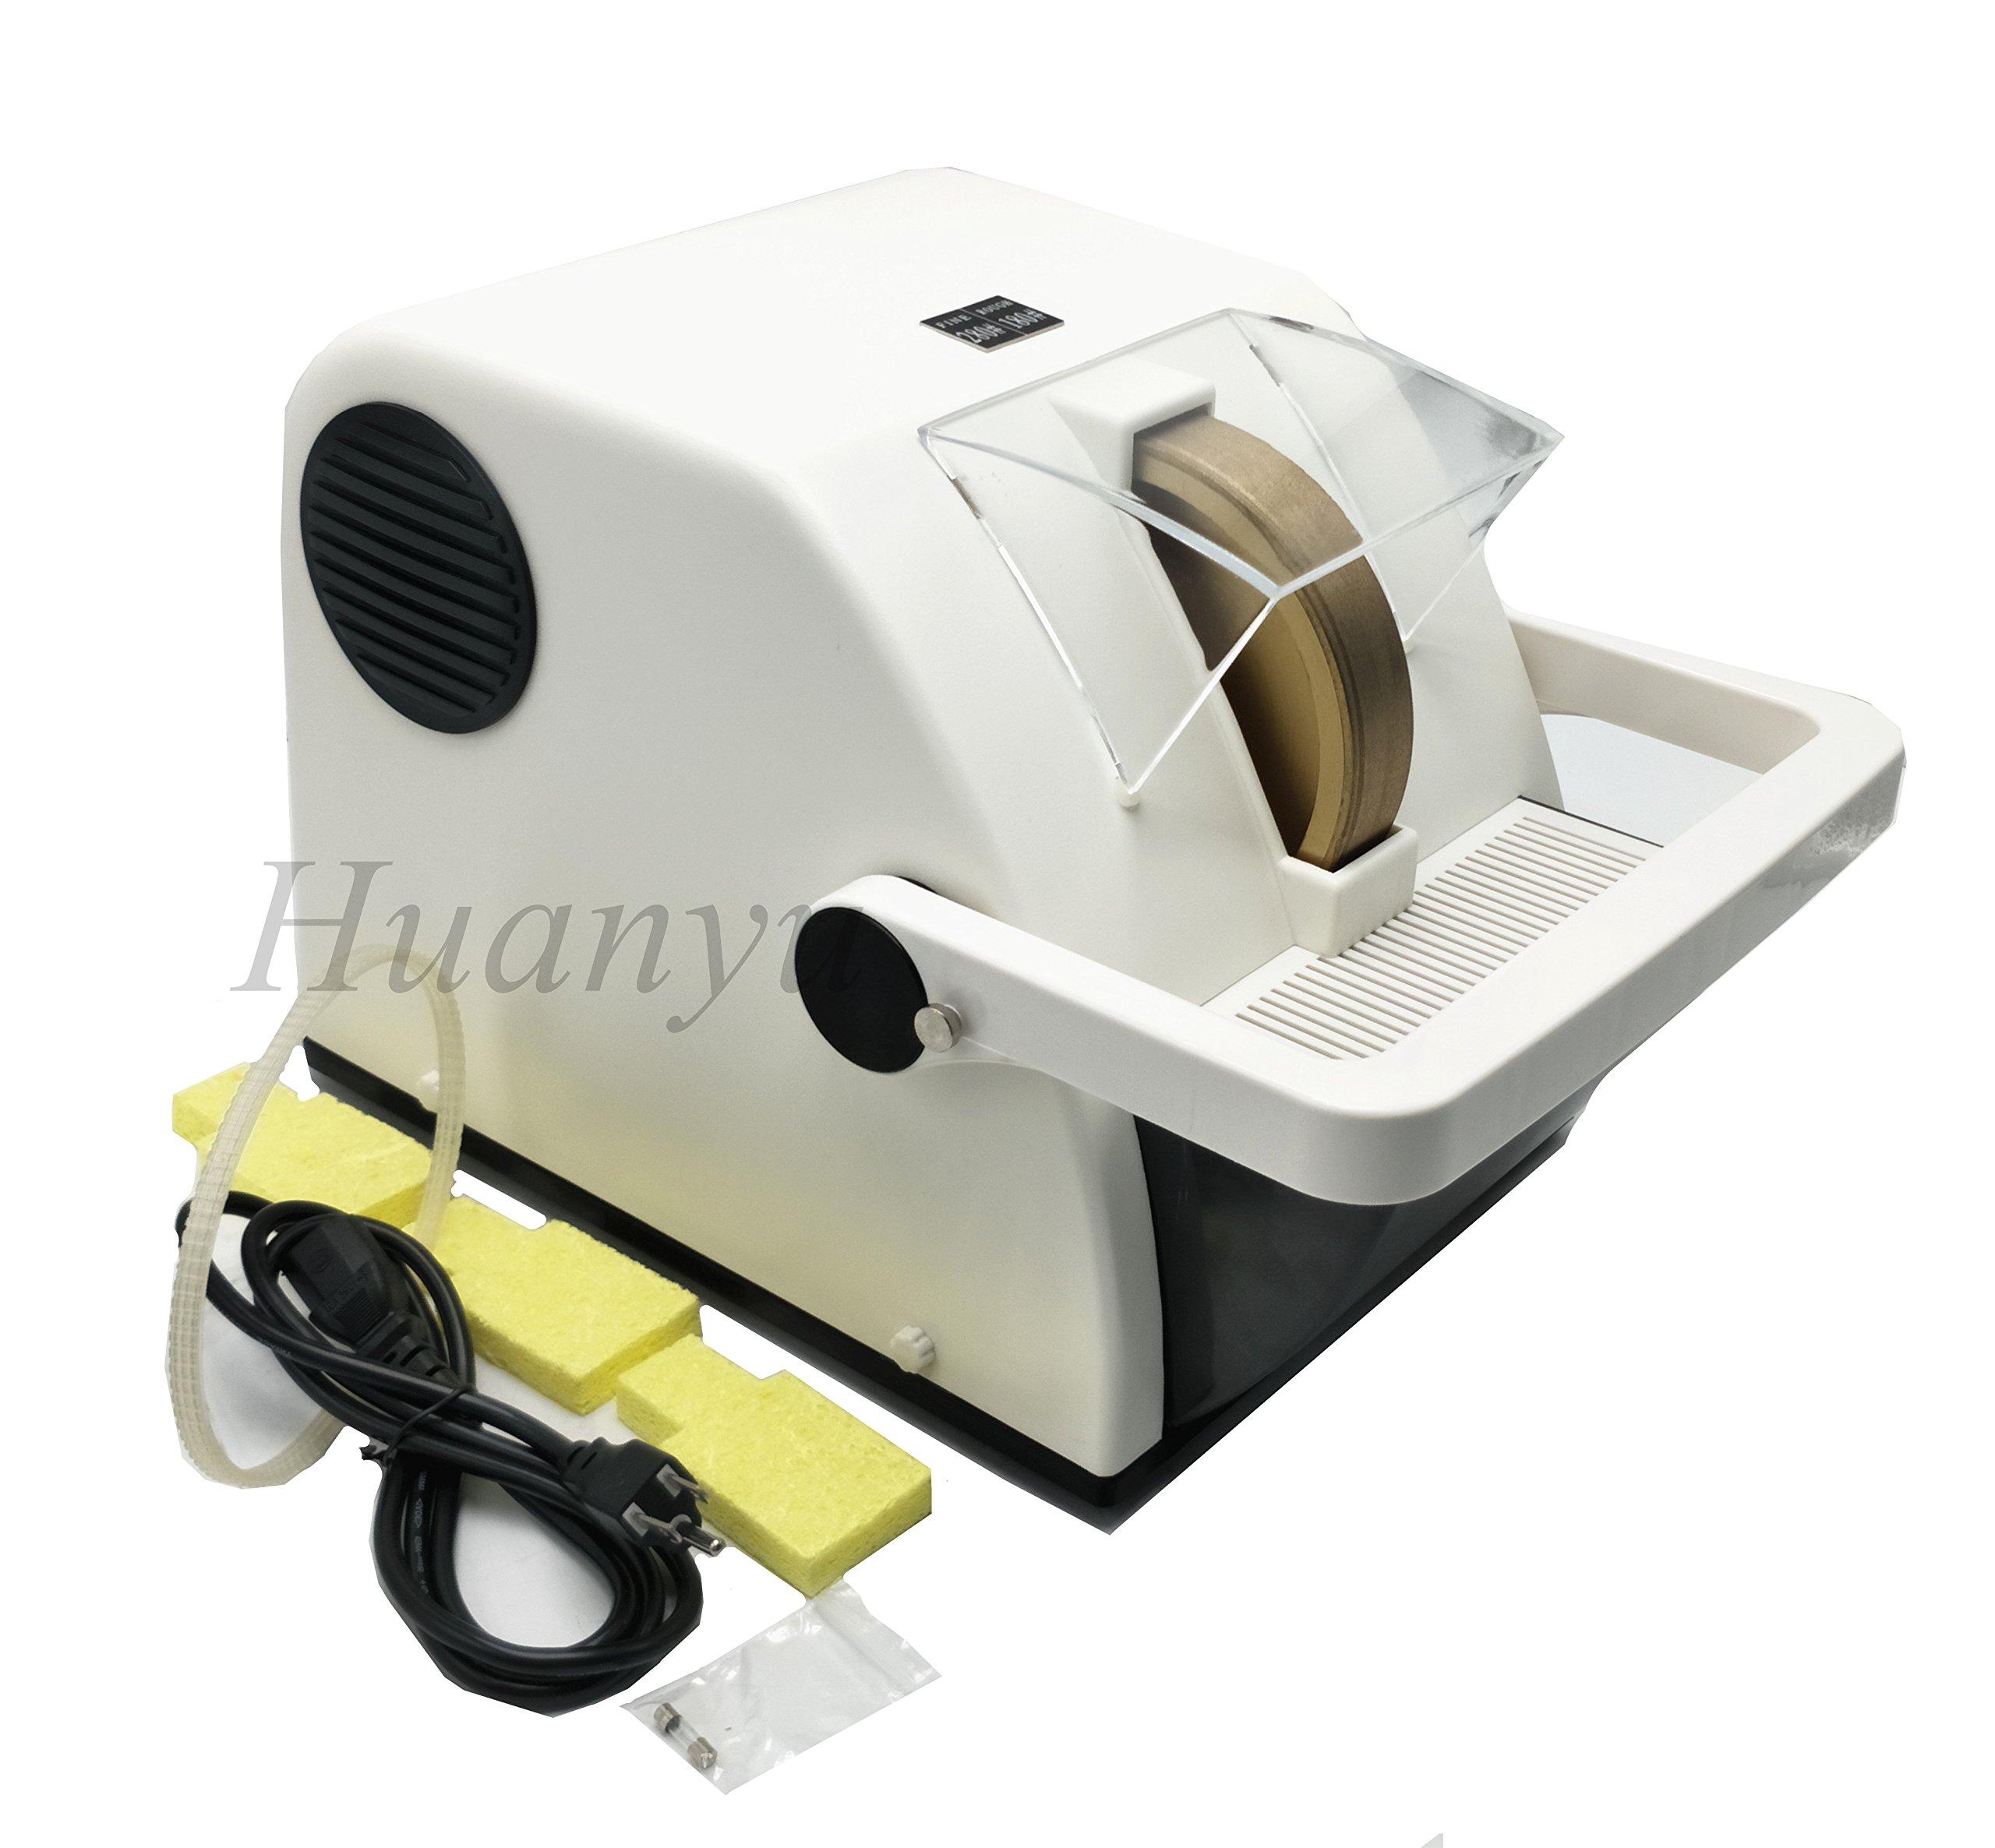 Huanyu Instrument LY-150 Single Wheel Optical Lens Hand Edger Manual Lens Grinder (110V/60Hz) by Huanyu Instrument® (Image #3)